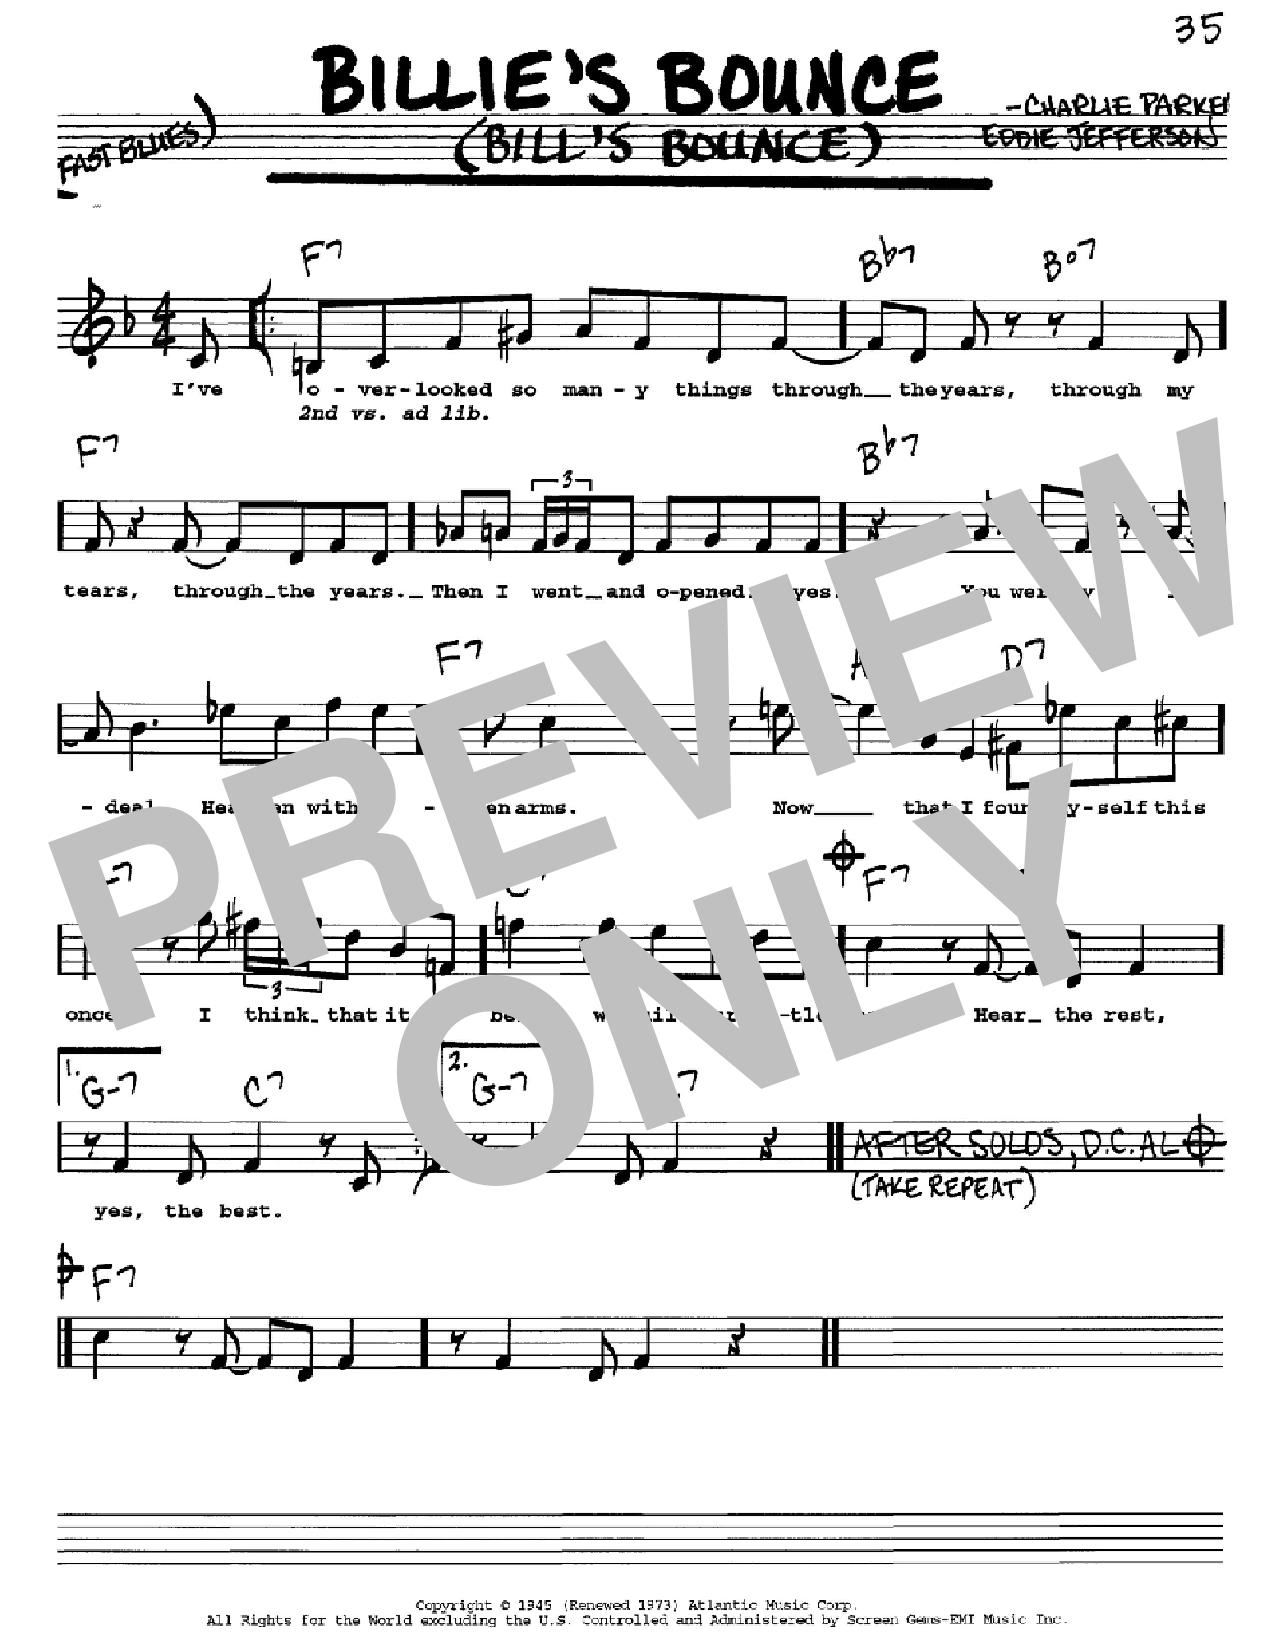 Billie's Bounce (Bill's Bounce) Sheet Music